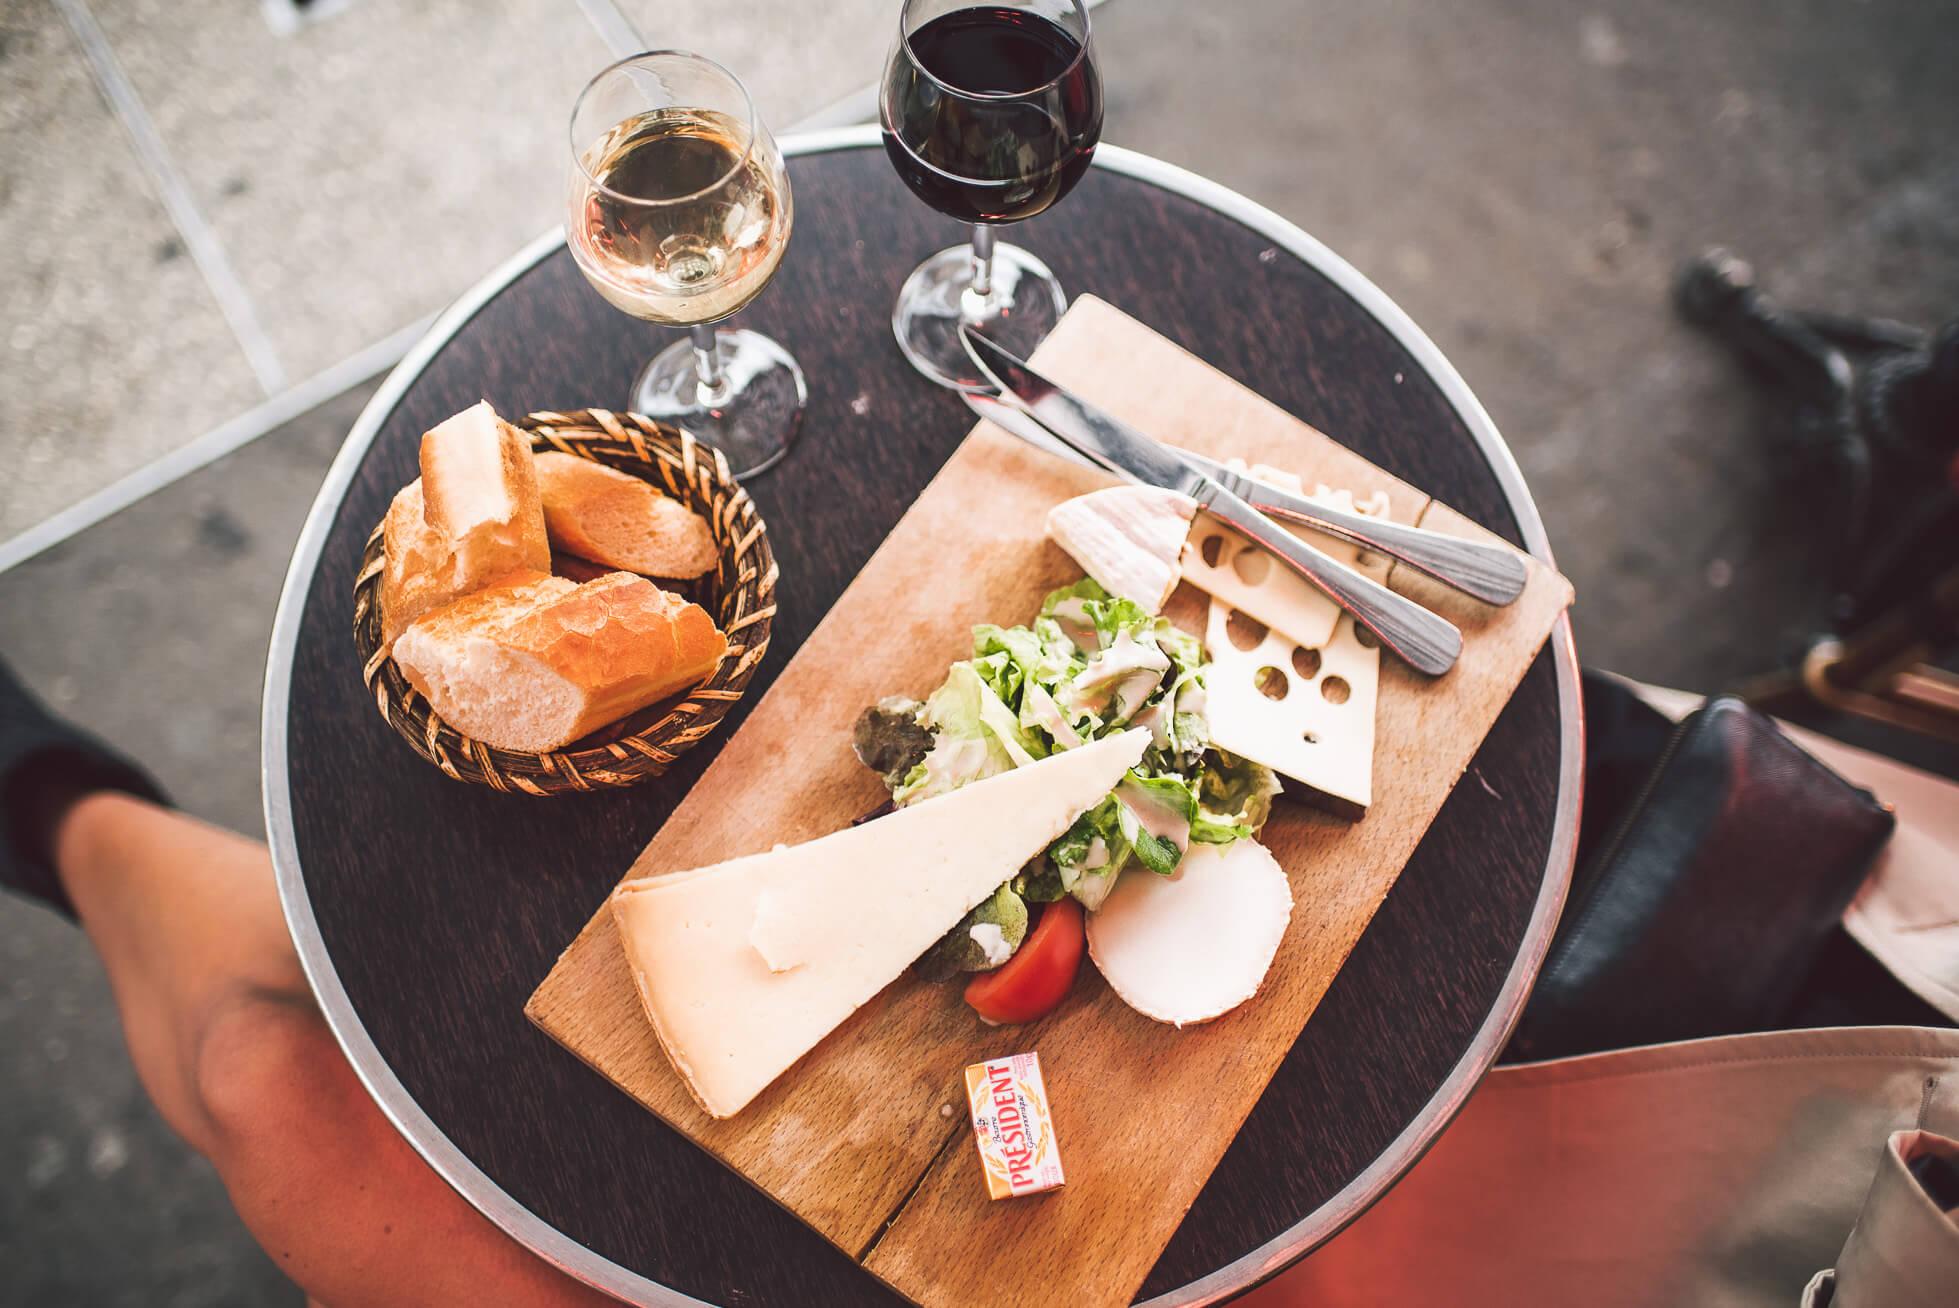 janni-deler-cheese-n-wine-parisDSC_2094